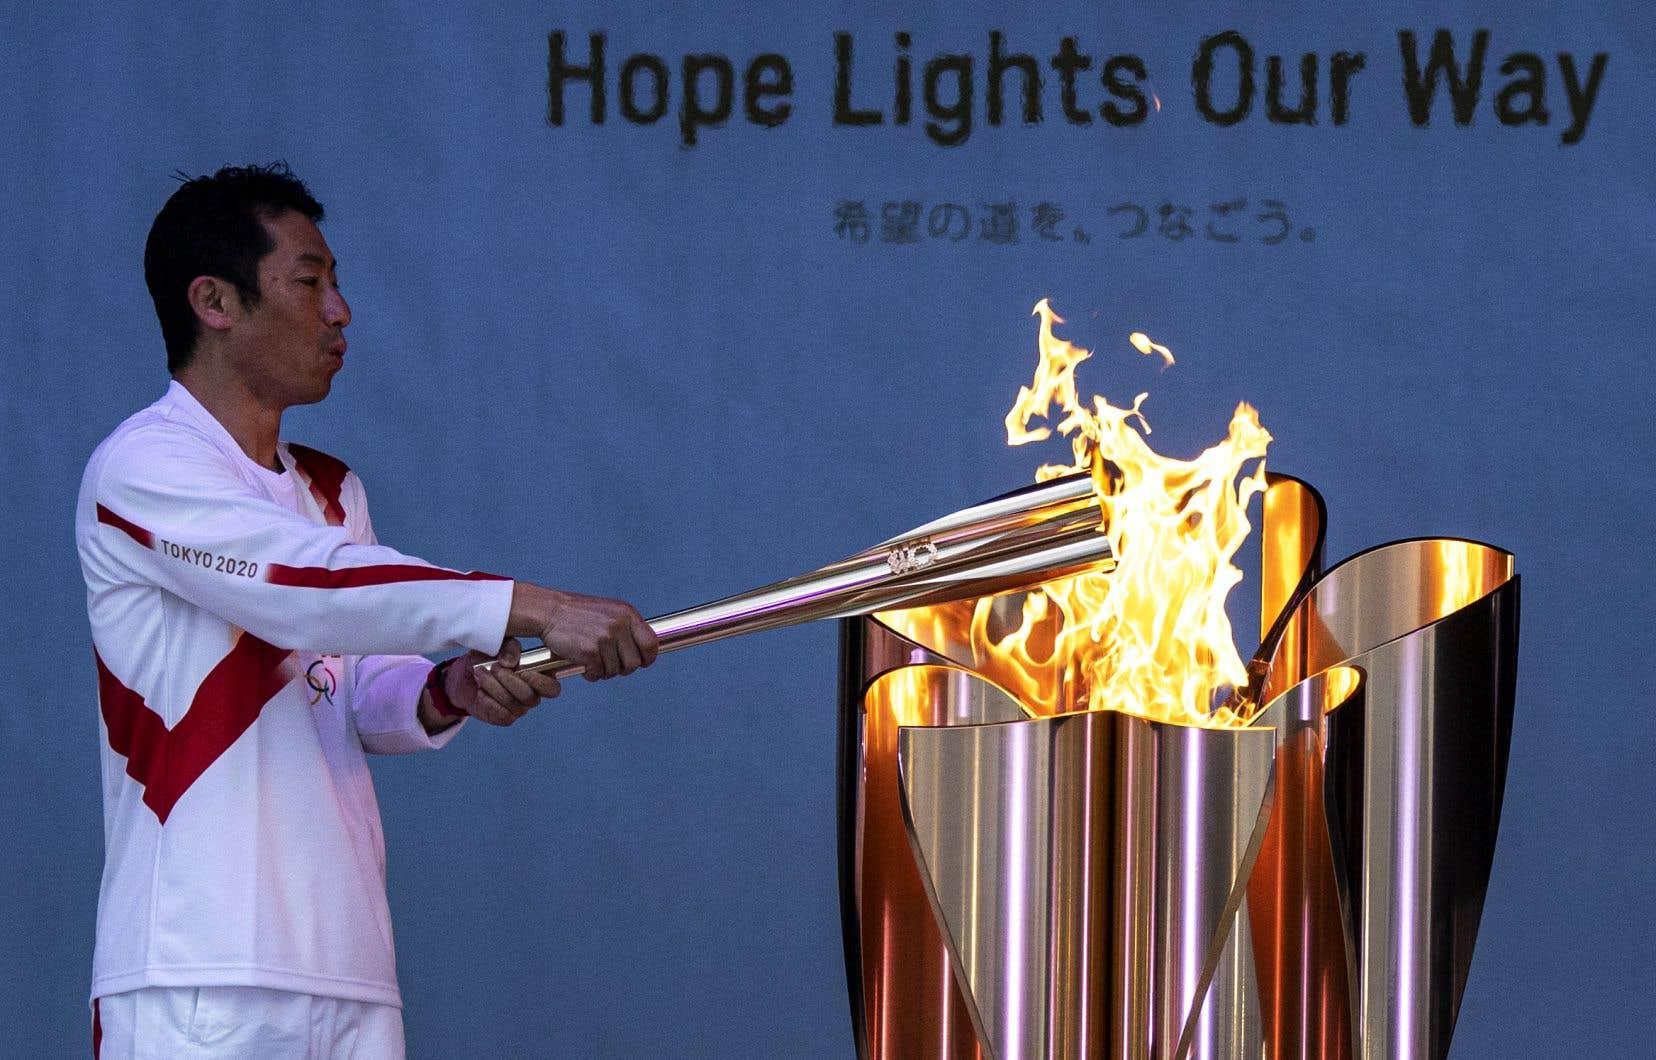 Le public pourra suivre le reste du parcours de la flamme qui passera par les 47 départements du Japon avant d'arriver au Stade national de Tokyo pour la cérémonie d'ouverture des Jeux le 23juillet.